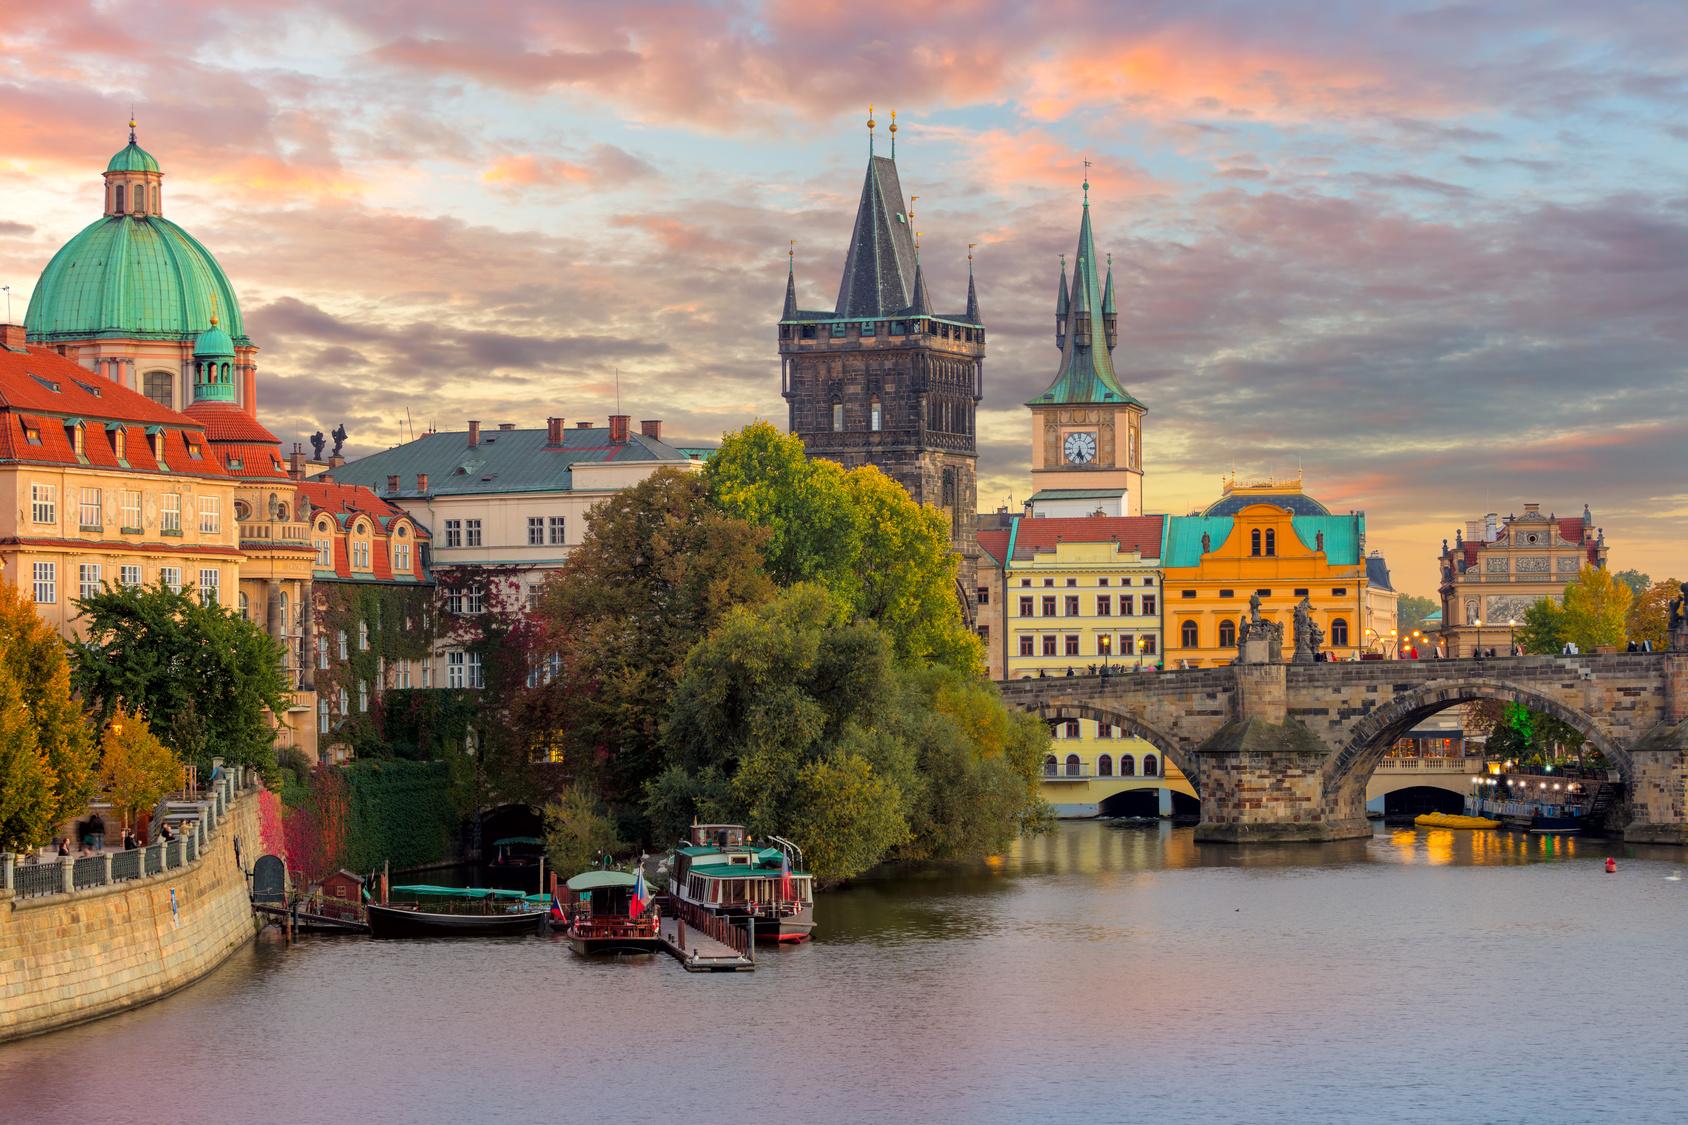 Prager tschechischer Republik datiert